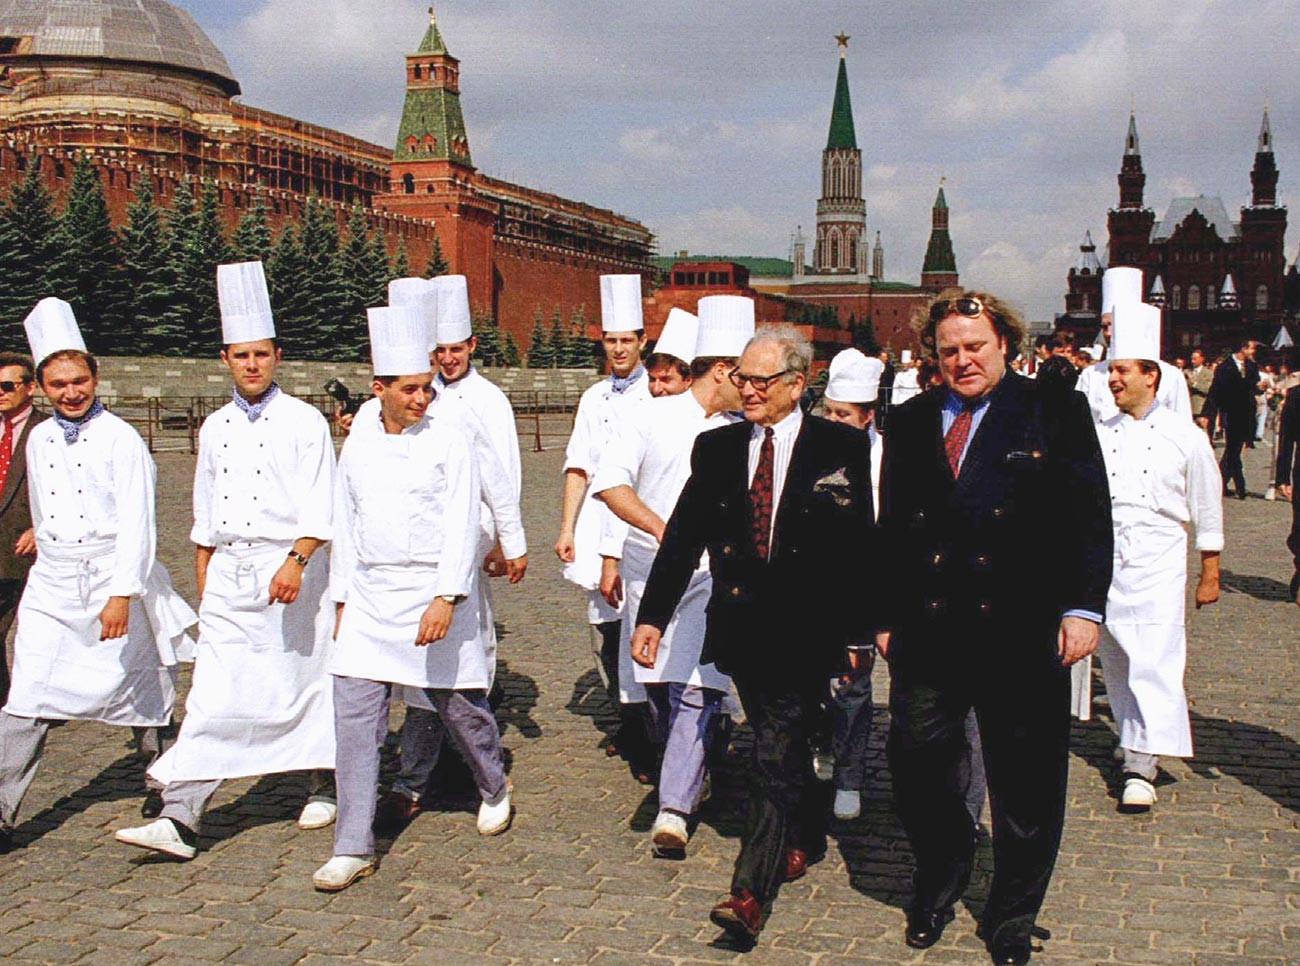 Pierre Cardin accompagné de son assistant Jeff Knipper, ainsi que du personnel du Maxim's inauguré à Moscou, marchant sur la place Rouge